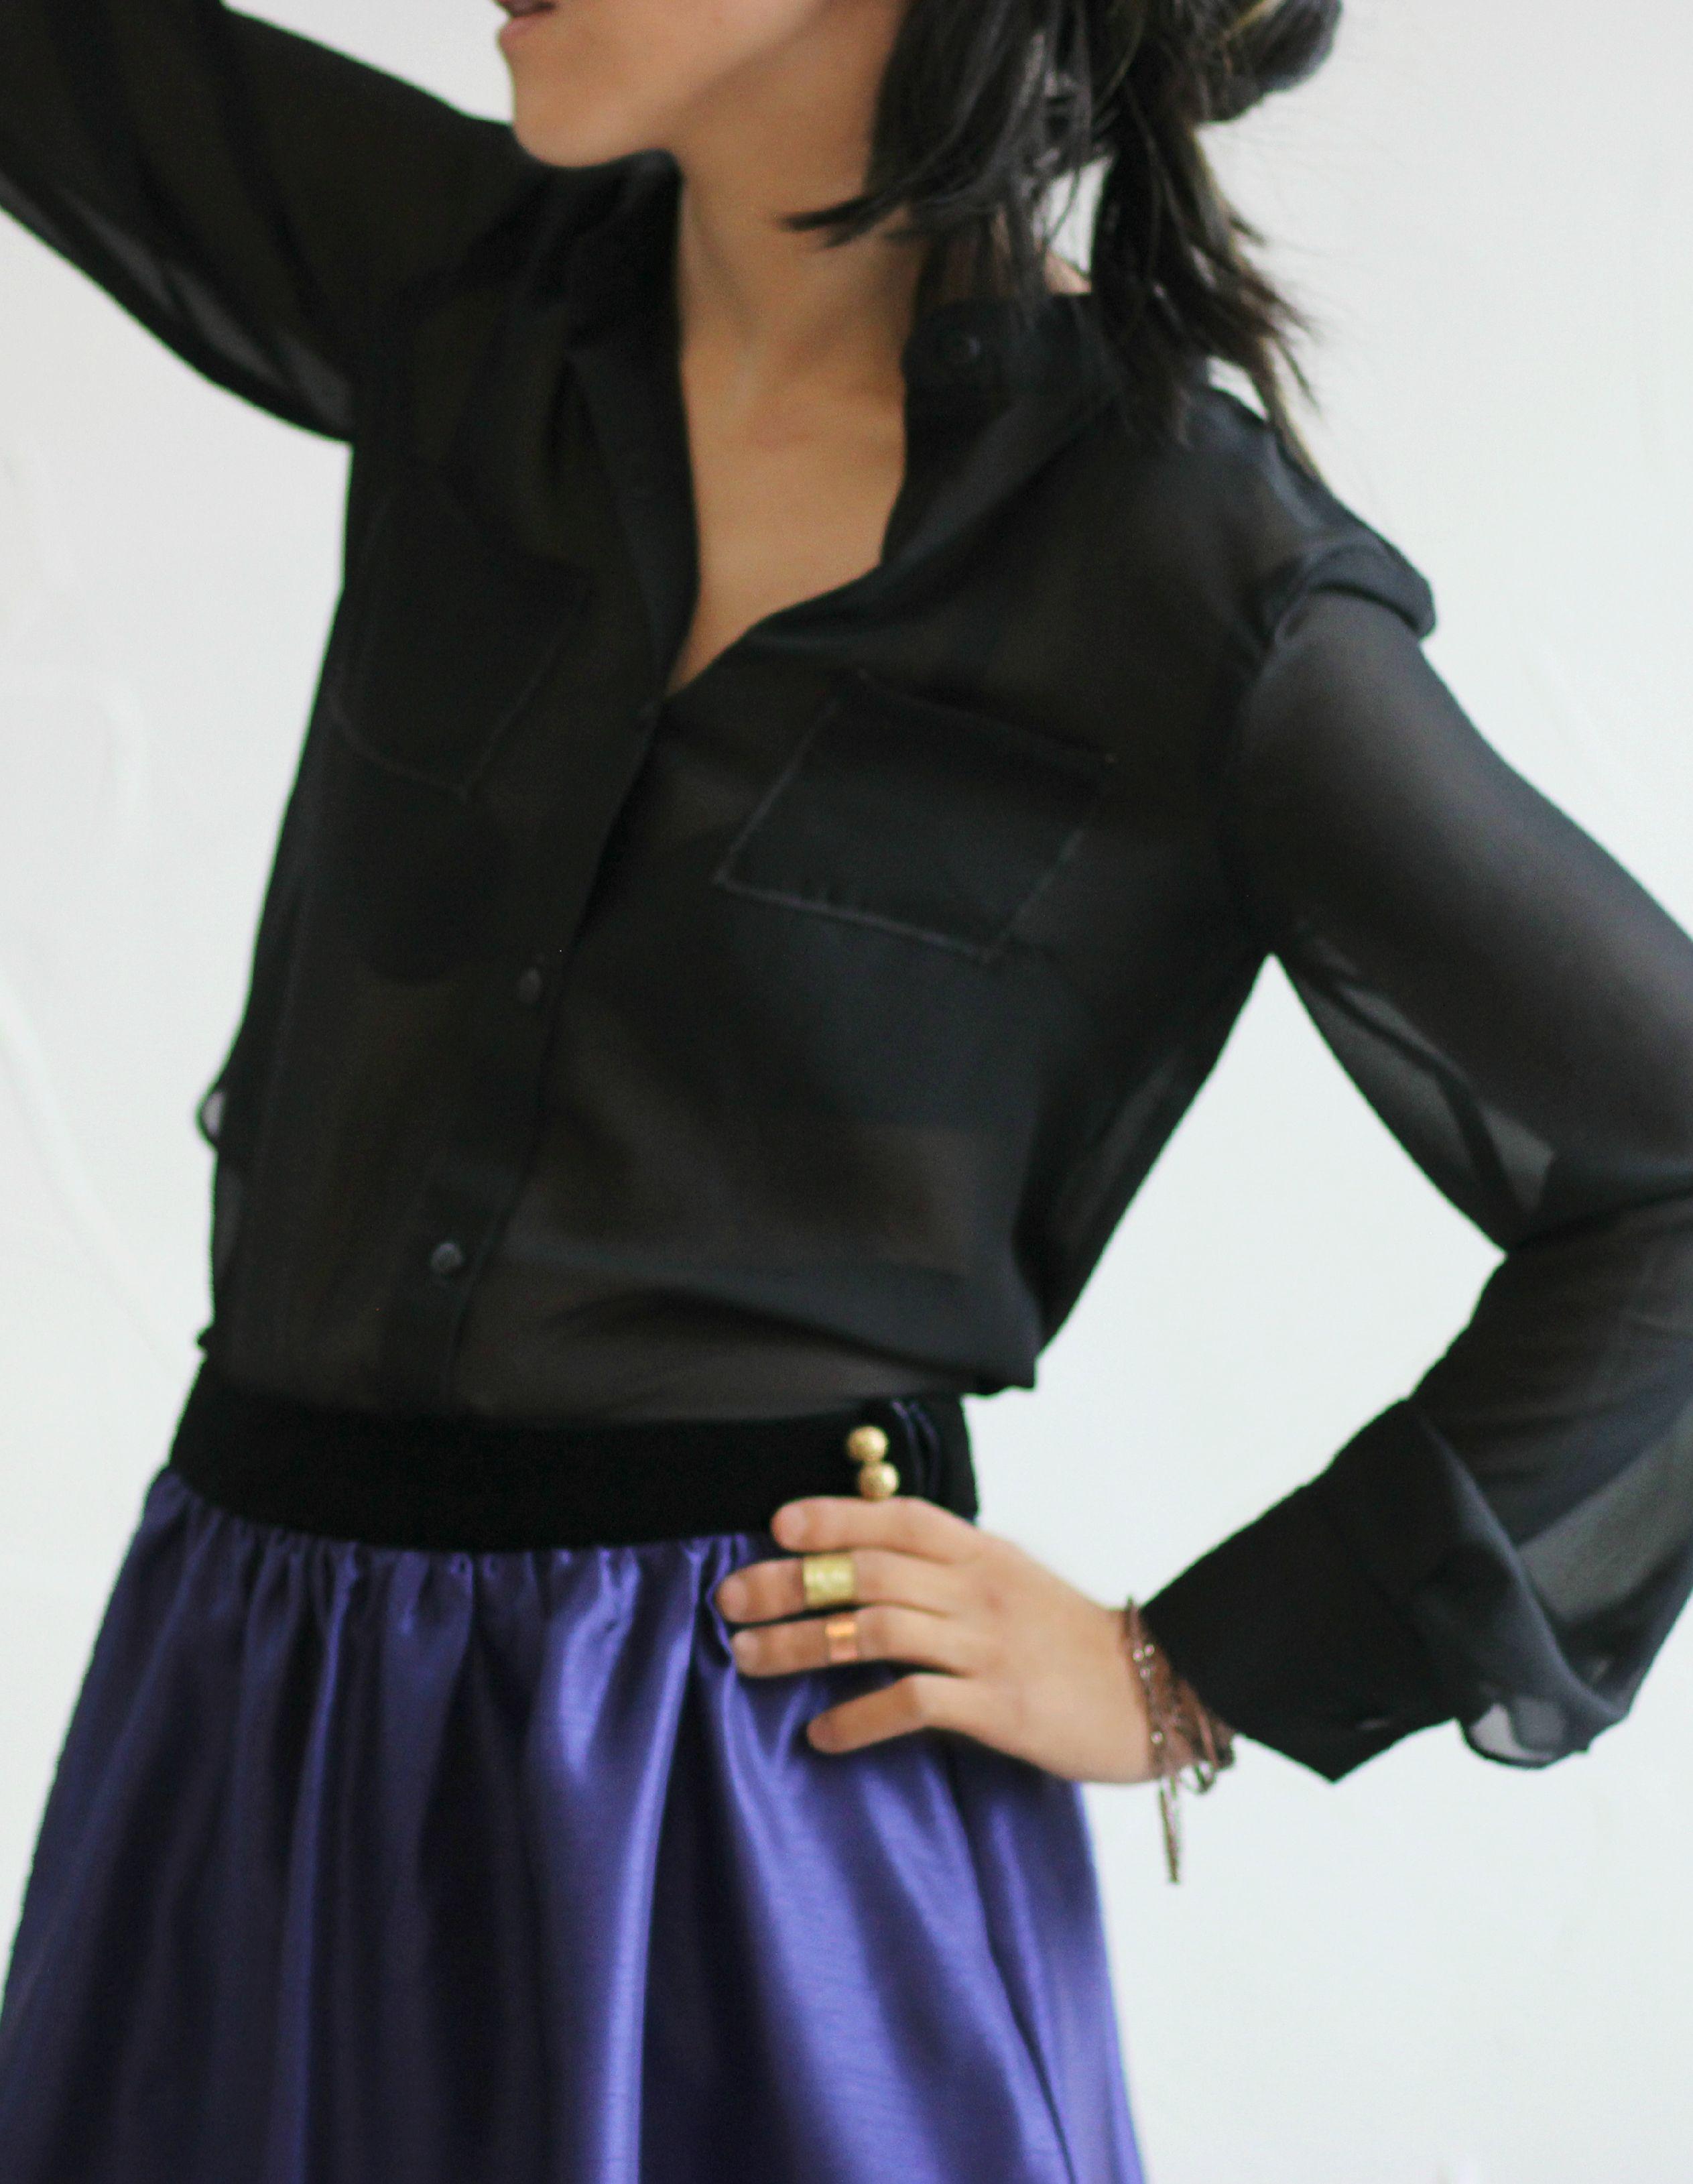 deep purple & black velvet skirt paired with a sheer black blouse